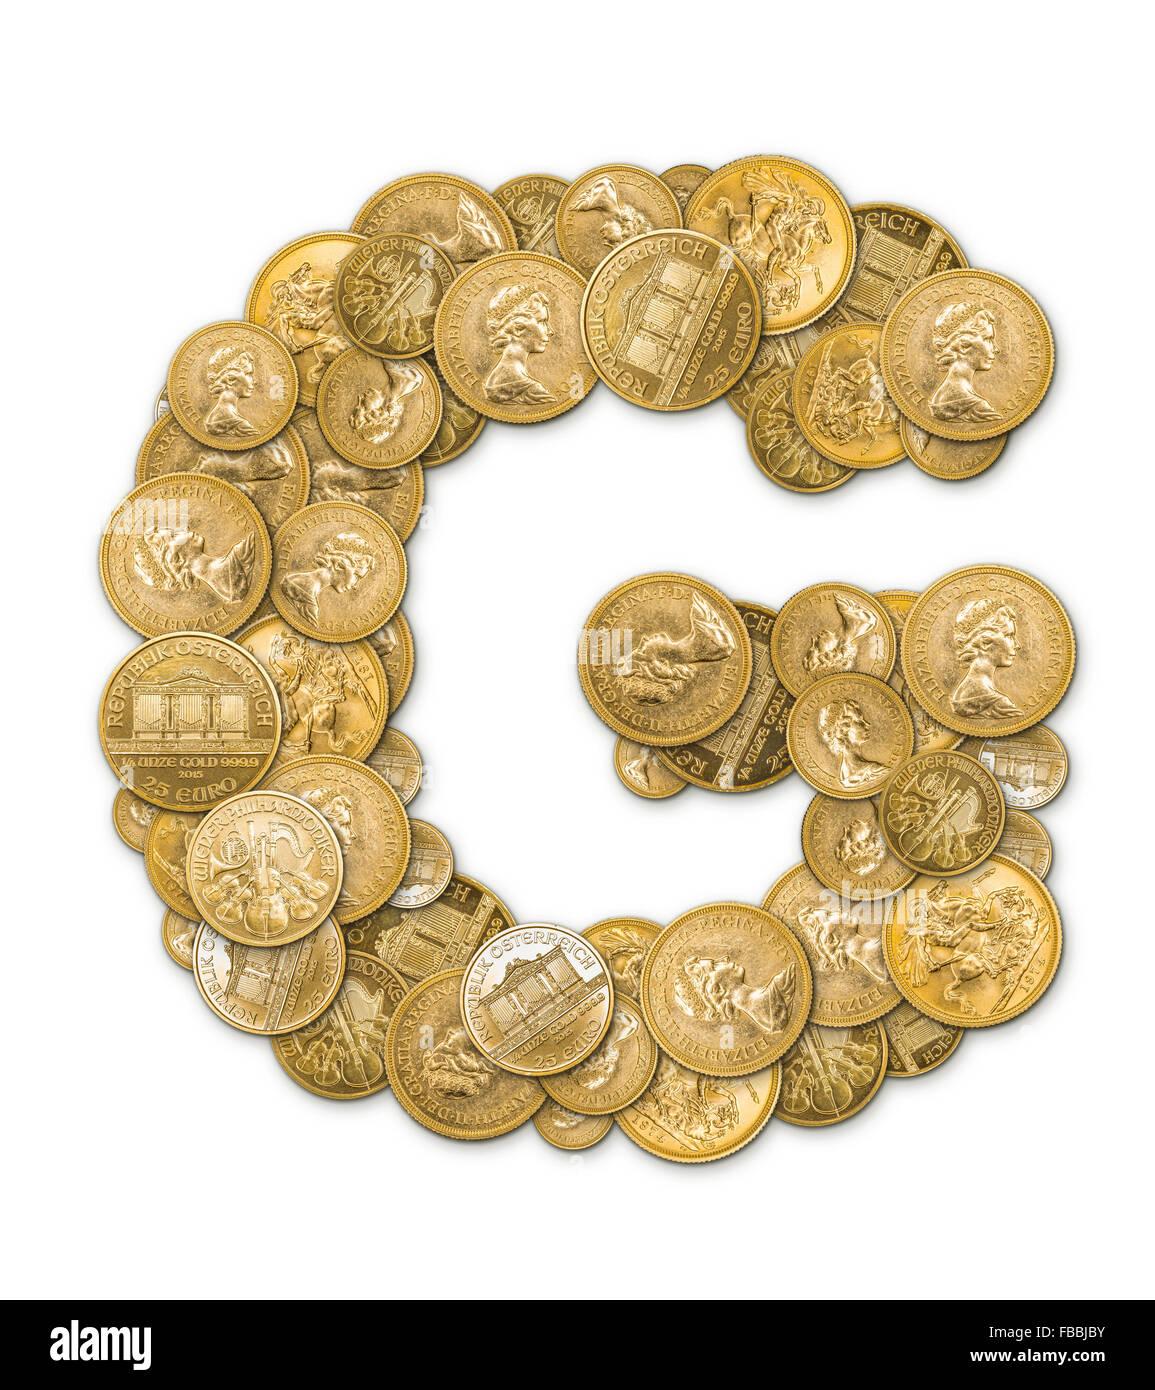 Buchstabe G Hergestellt Aus Gold Münzen Geld Isoliert Auf Weißem